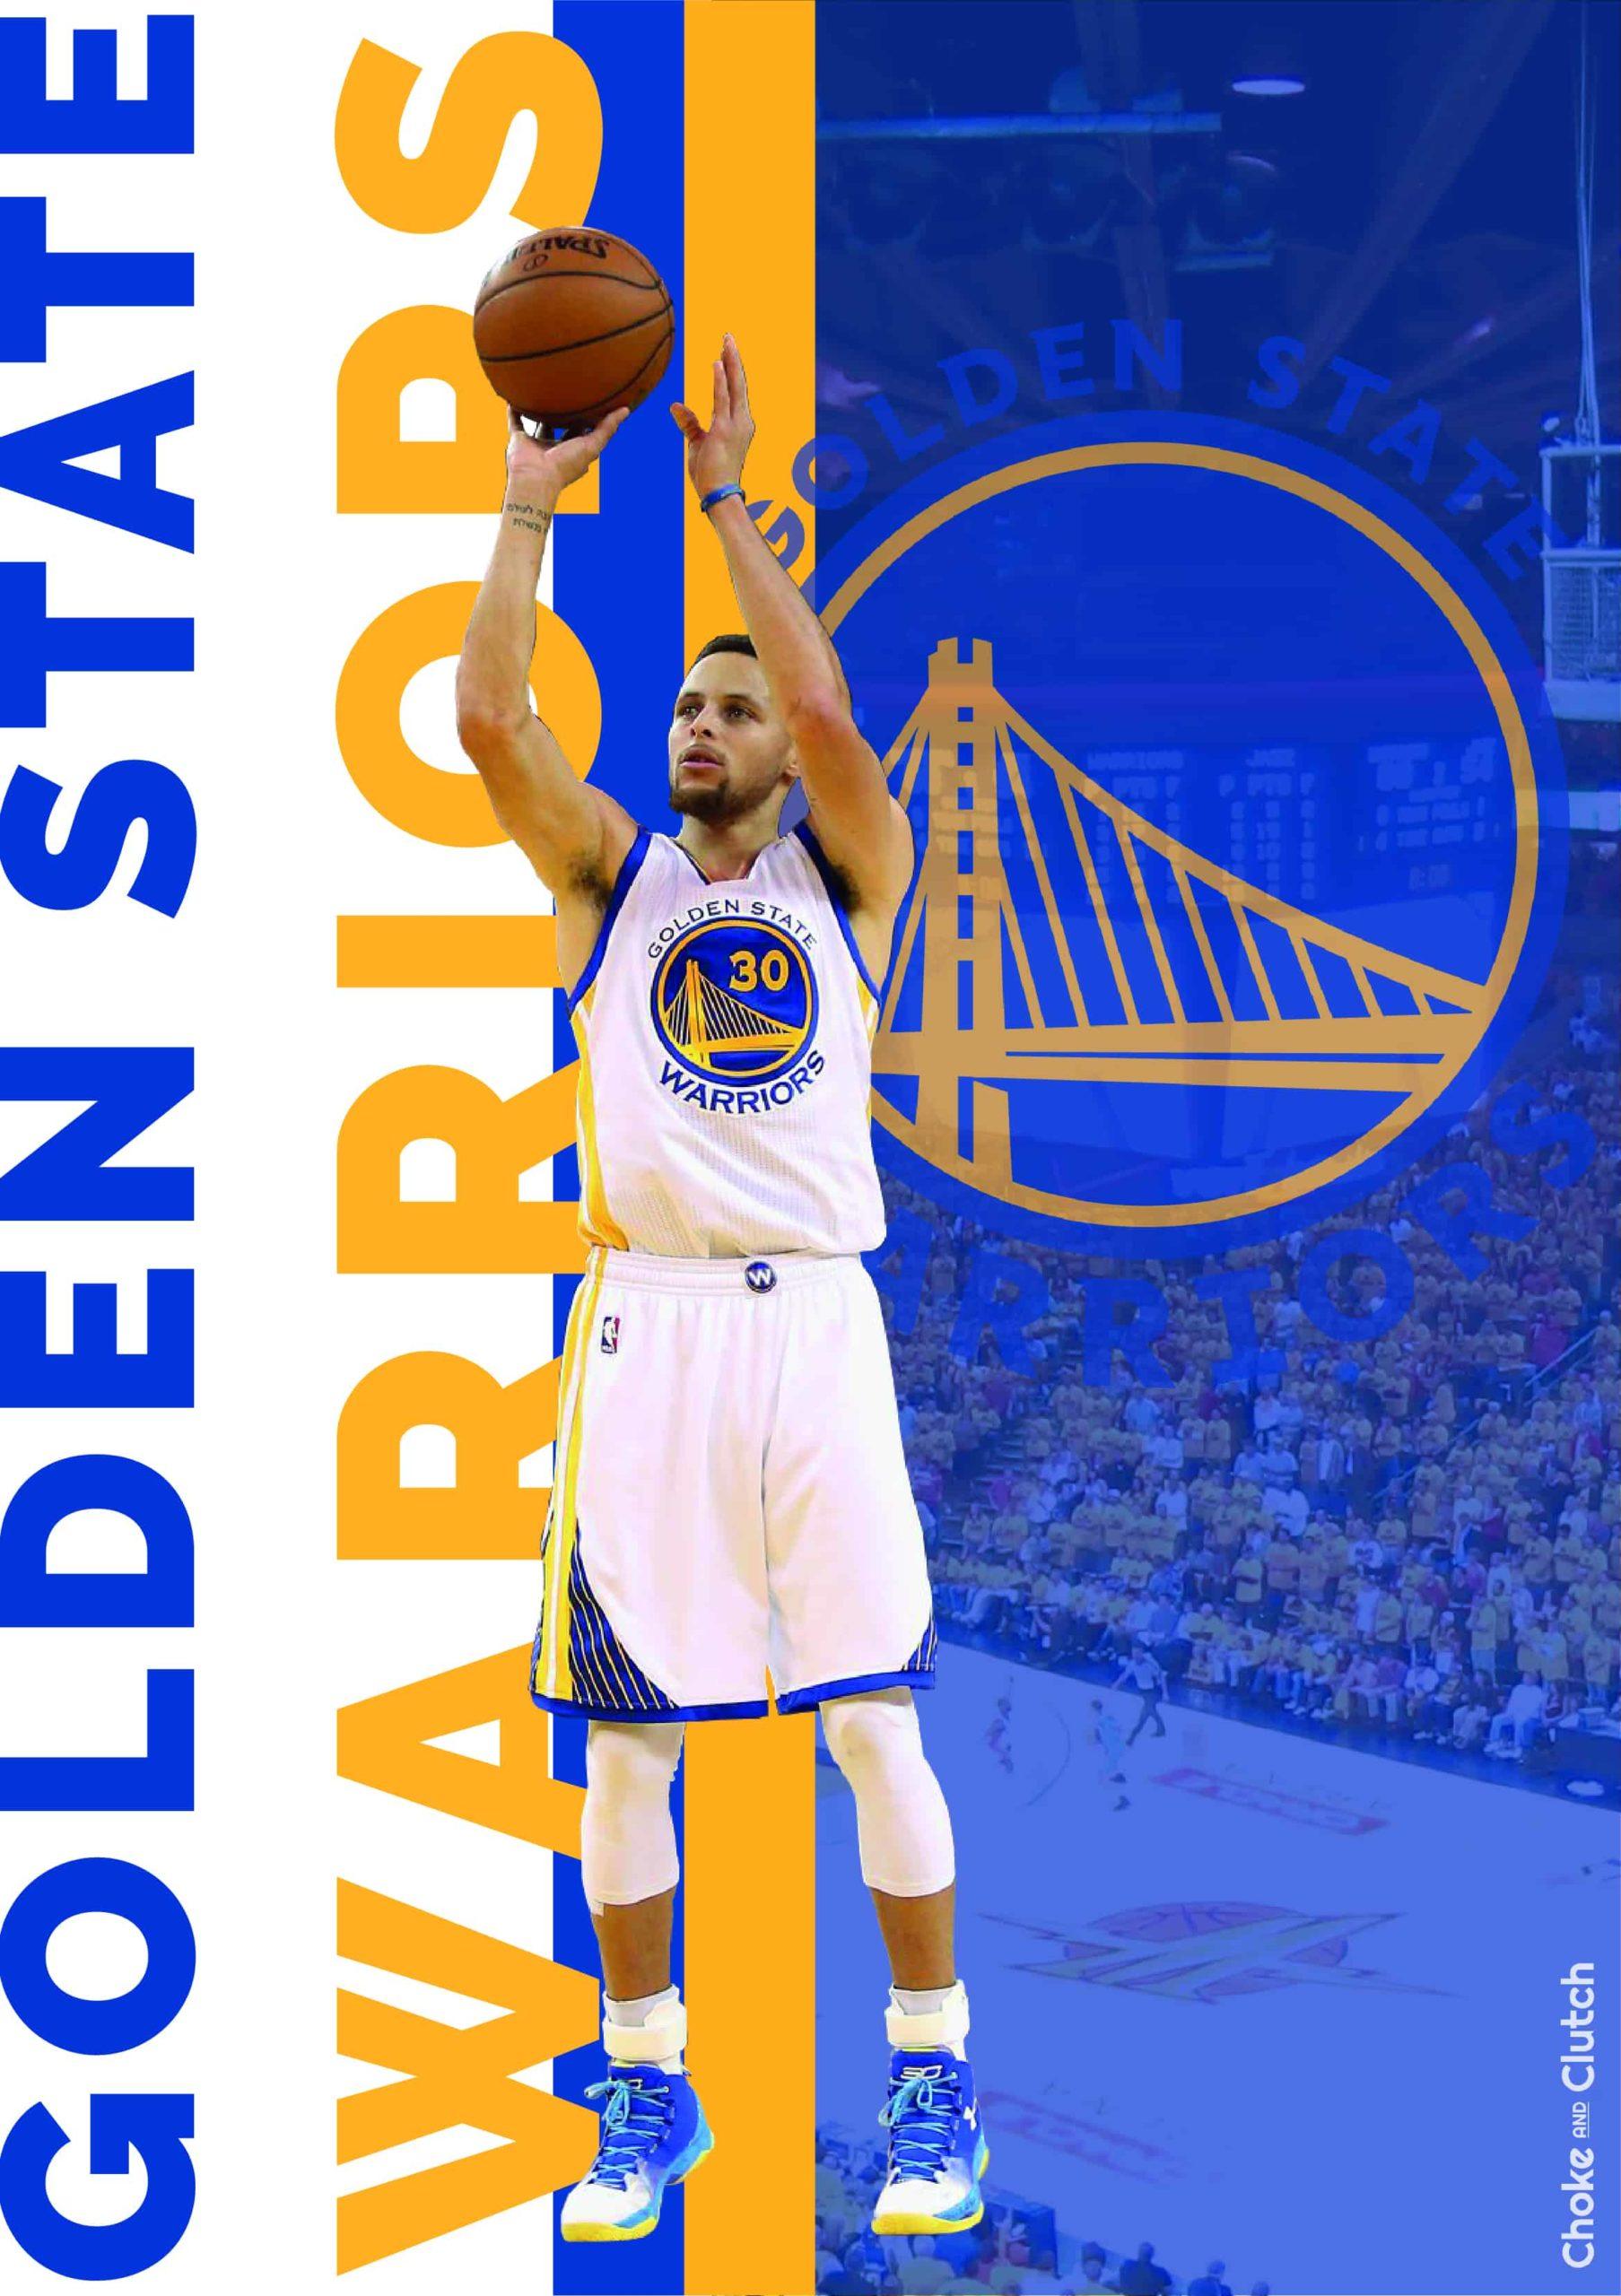 Histoire de la franchise NBA des Warriors de Golden State